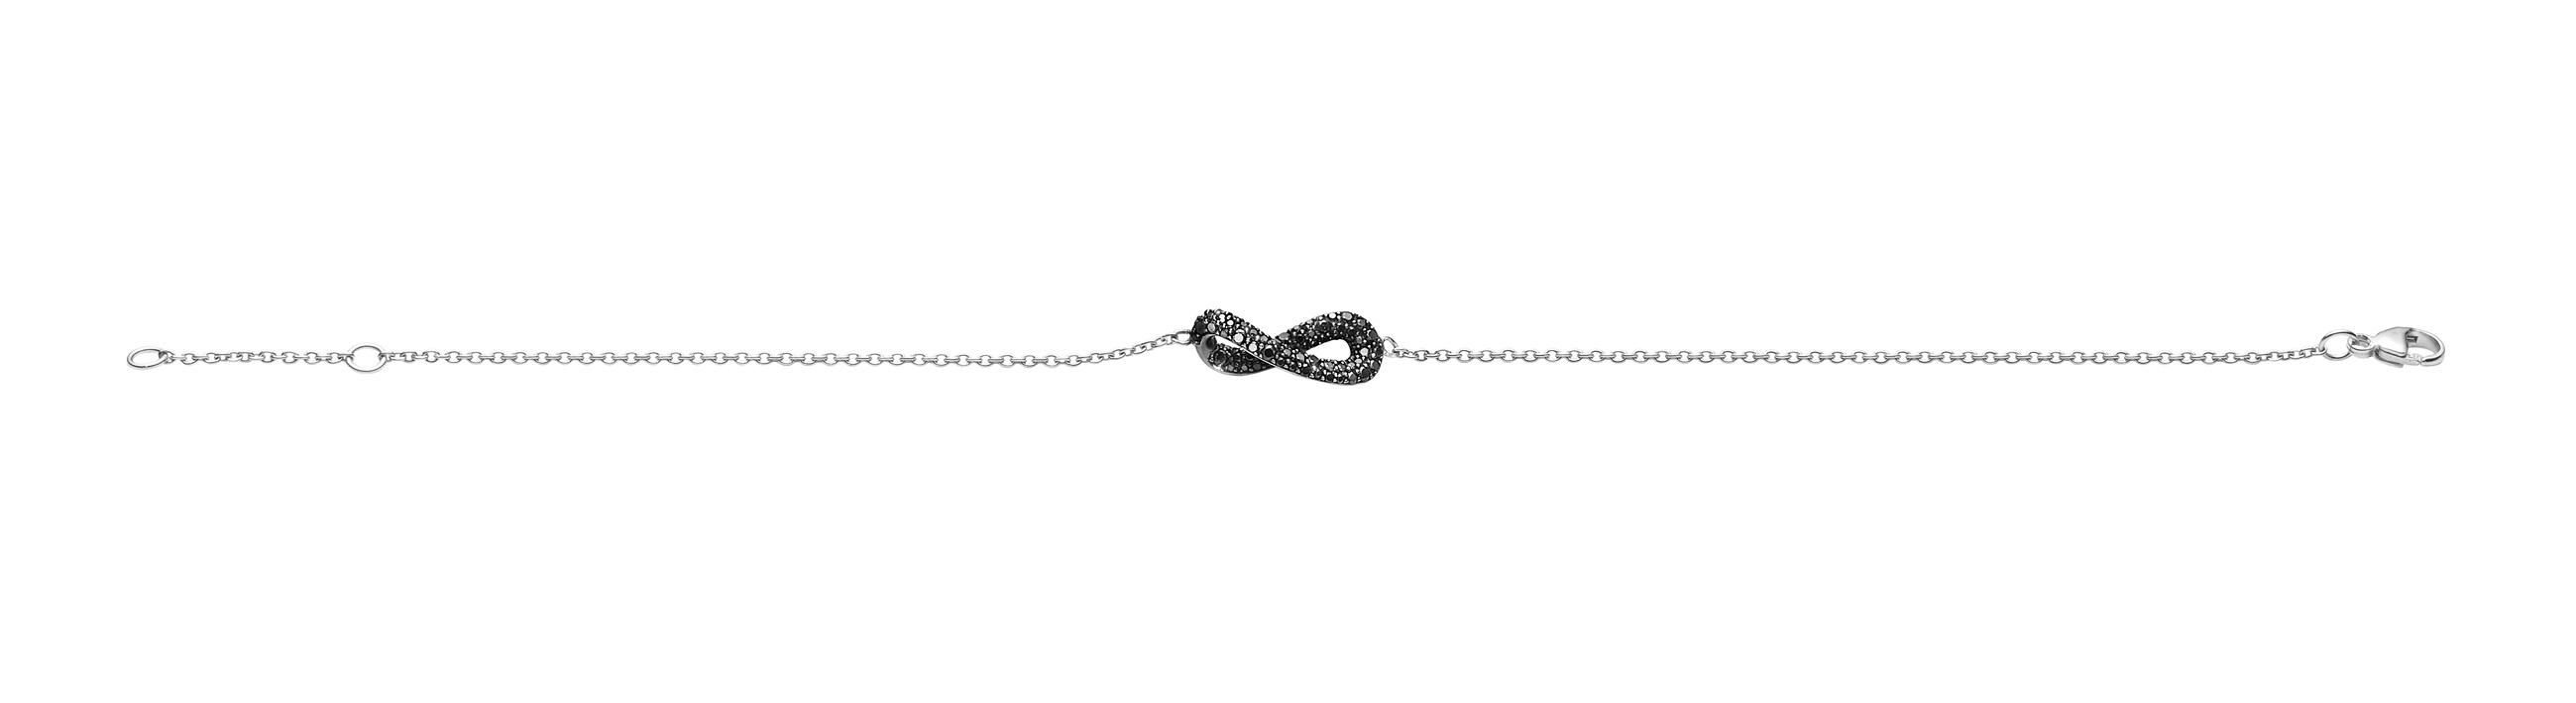 Billede af Georg Jensen INFINITY armbånd - 3531339 18 centimeter